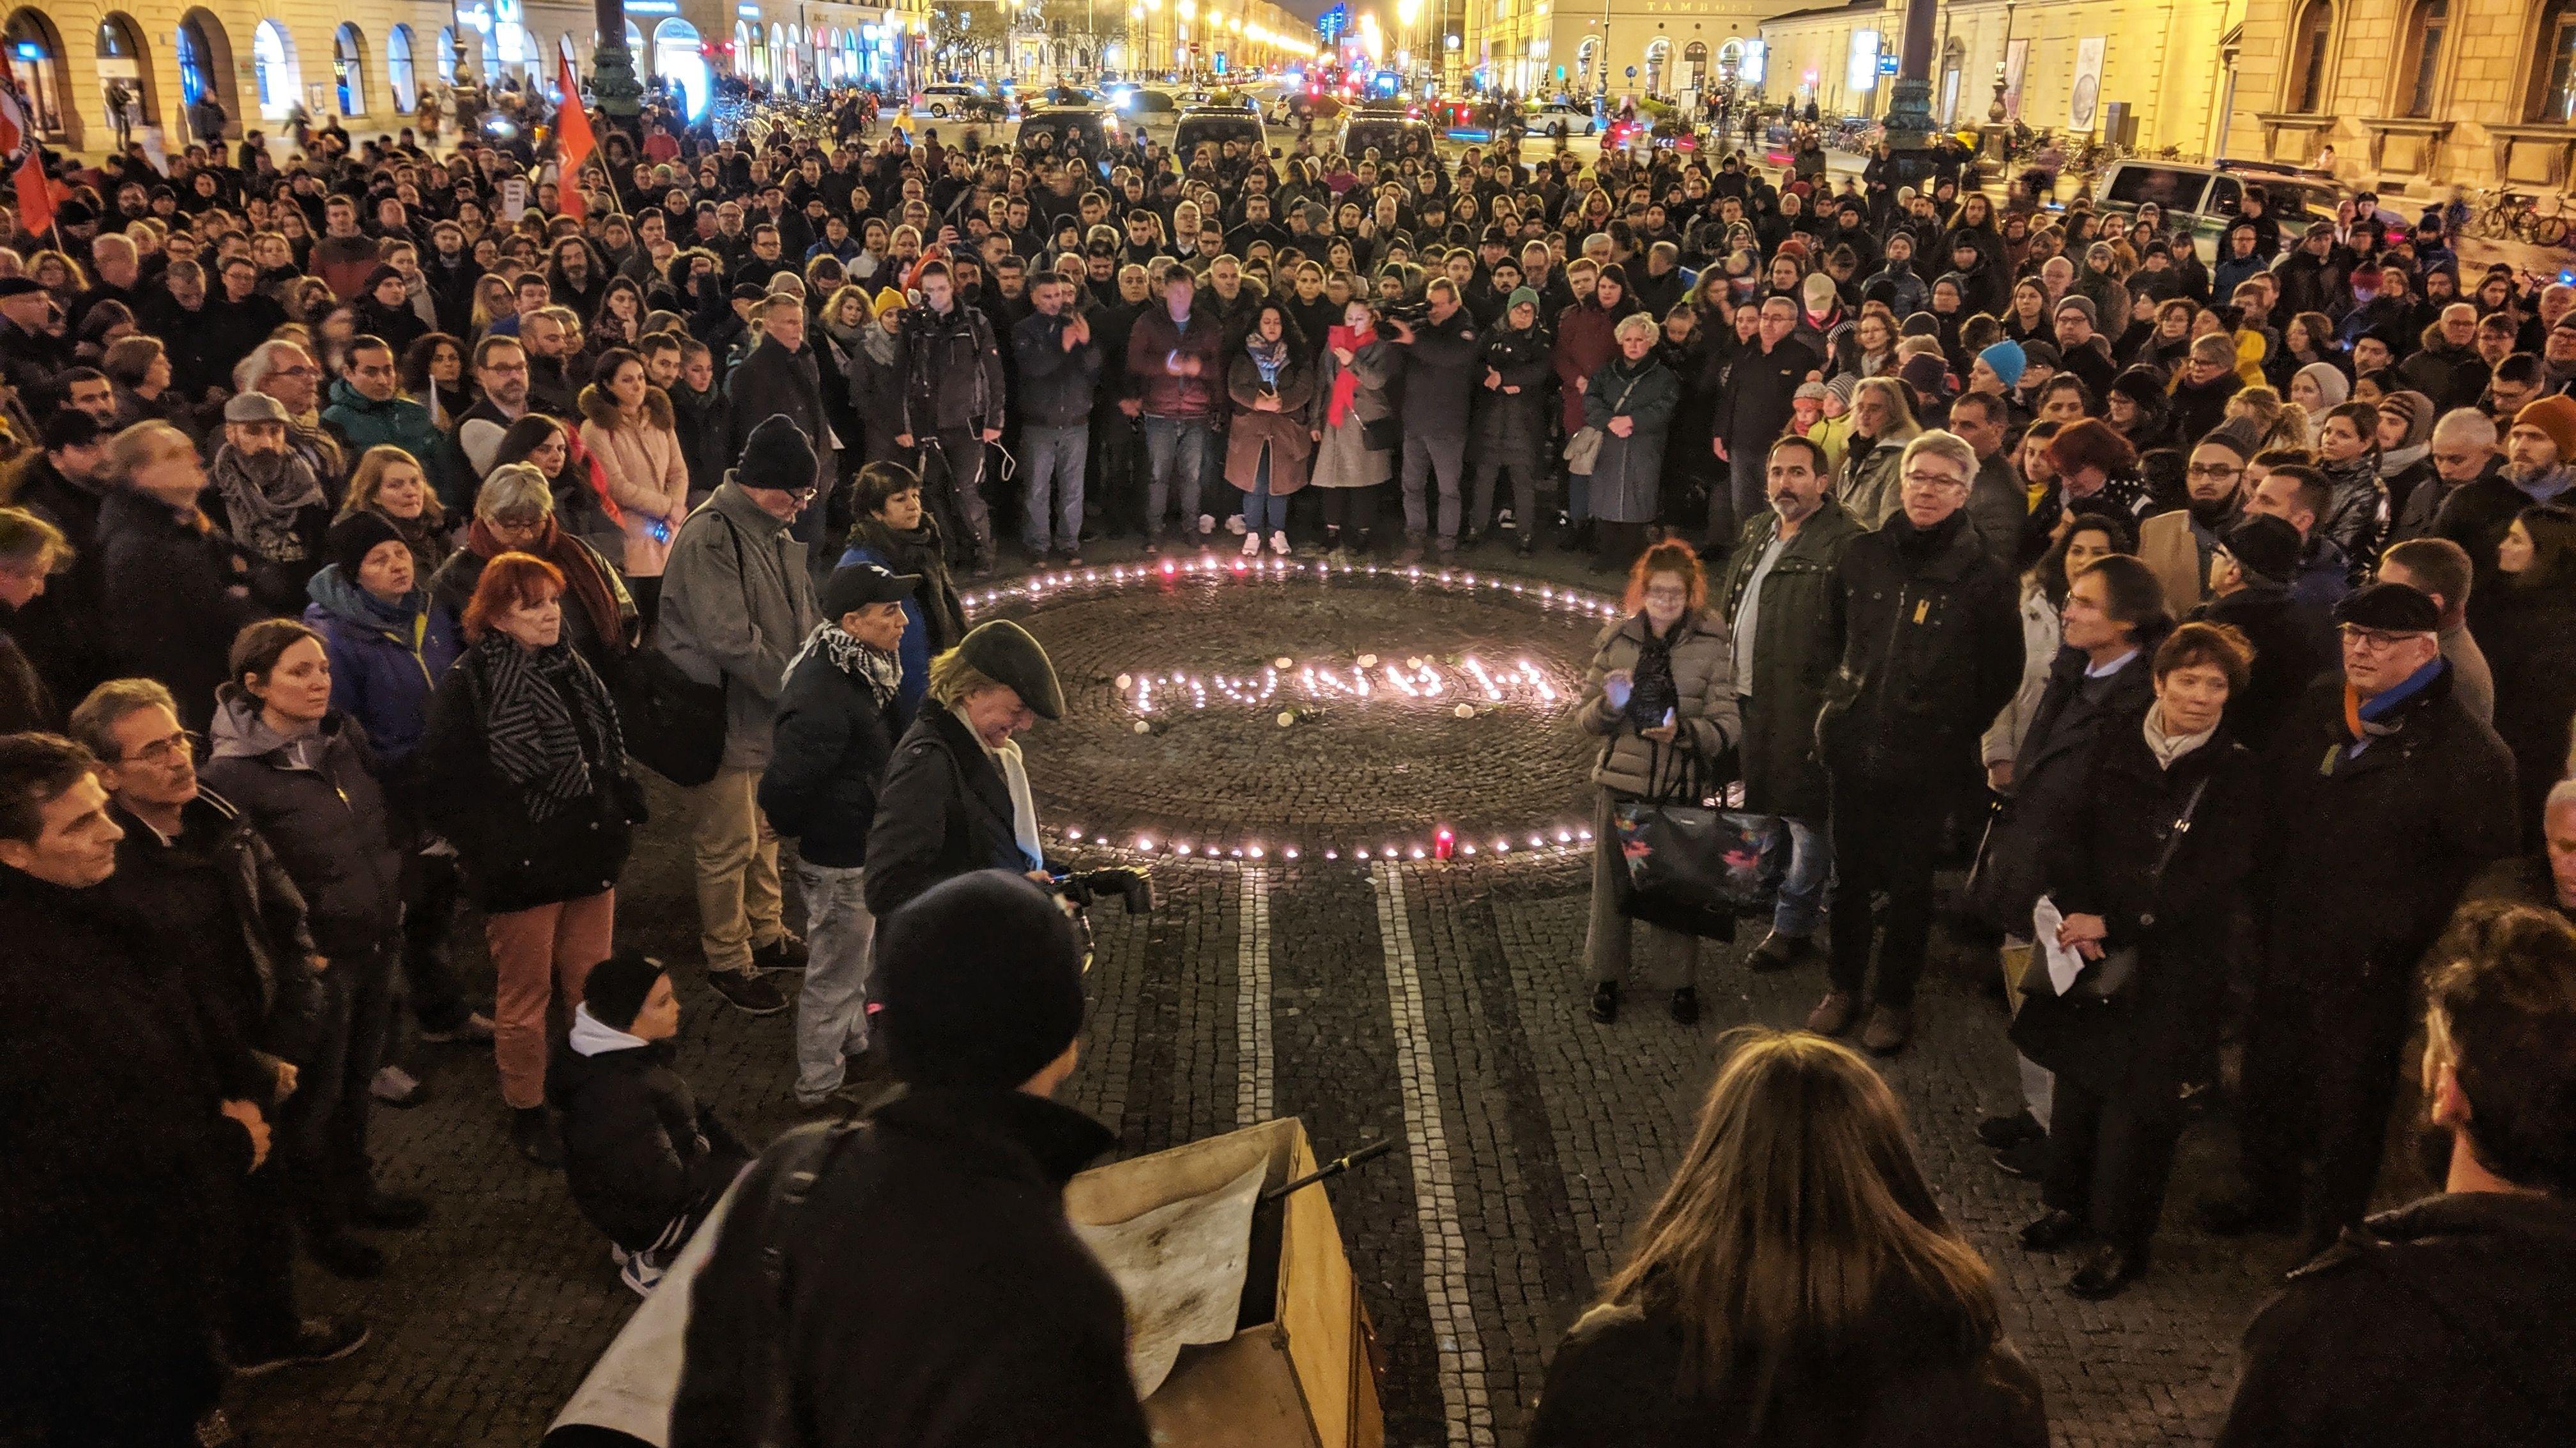 Kundgebung am Odeonsplatz in München